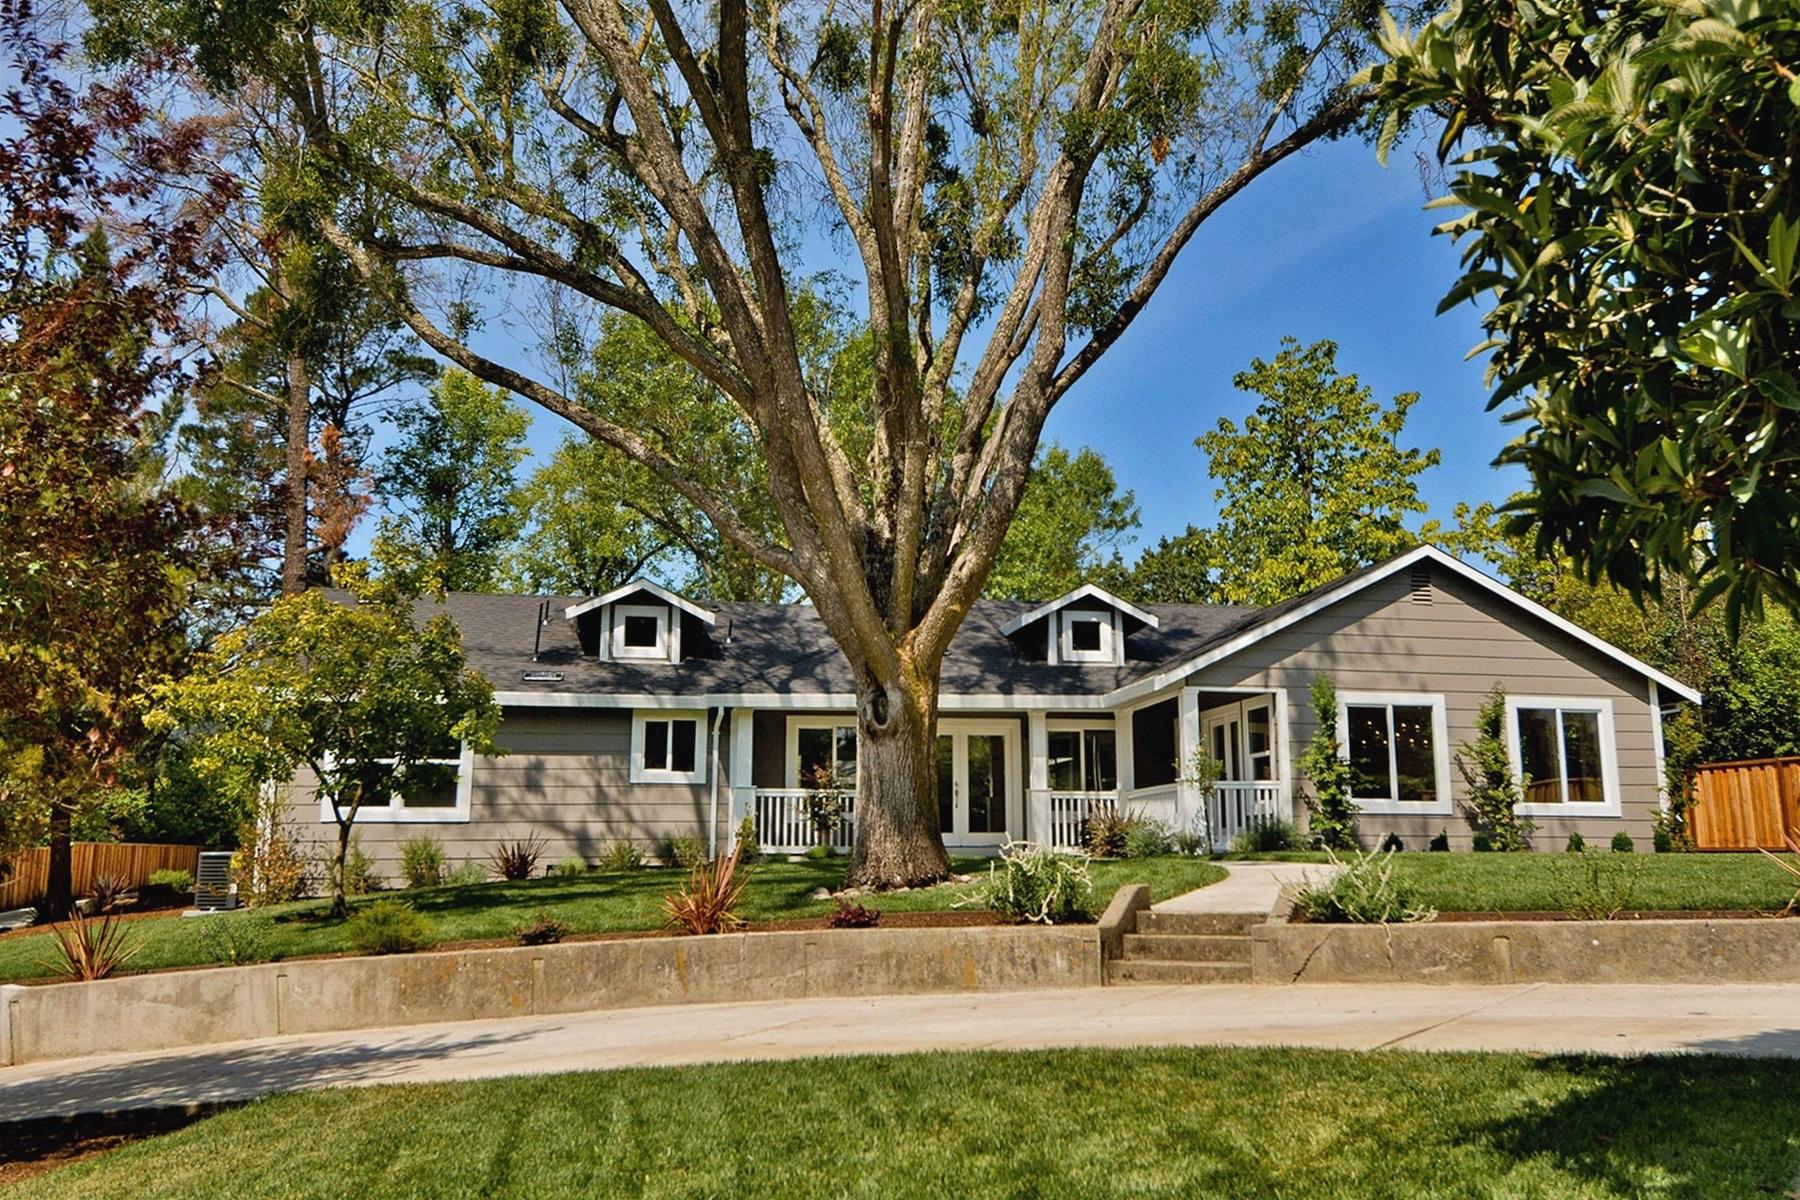 Villa per Vendita alle ore Stunning Single Story Home 361 La Questa Drive Danville, California 94526 Stati Uniti